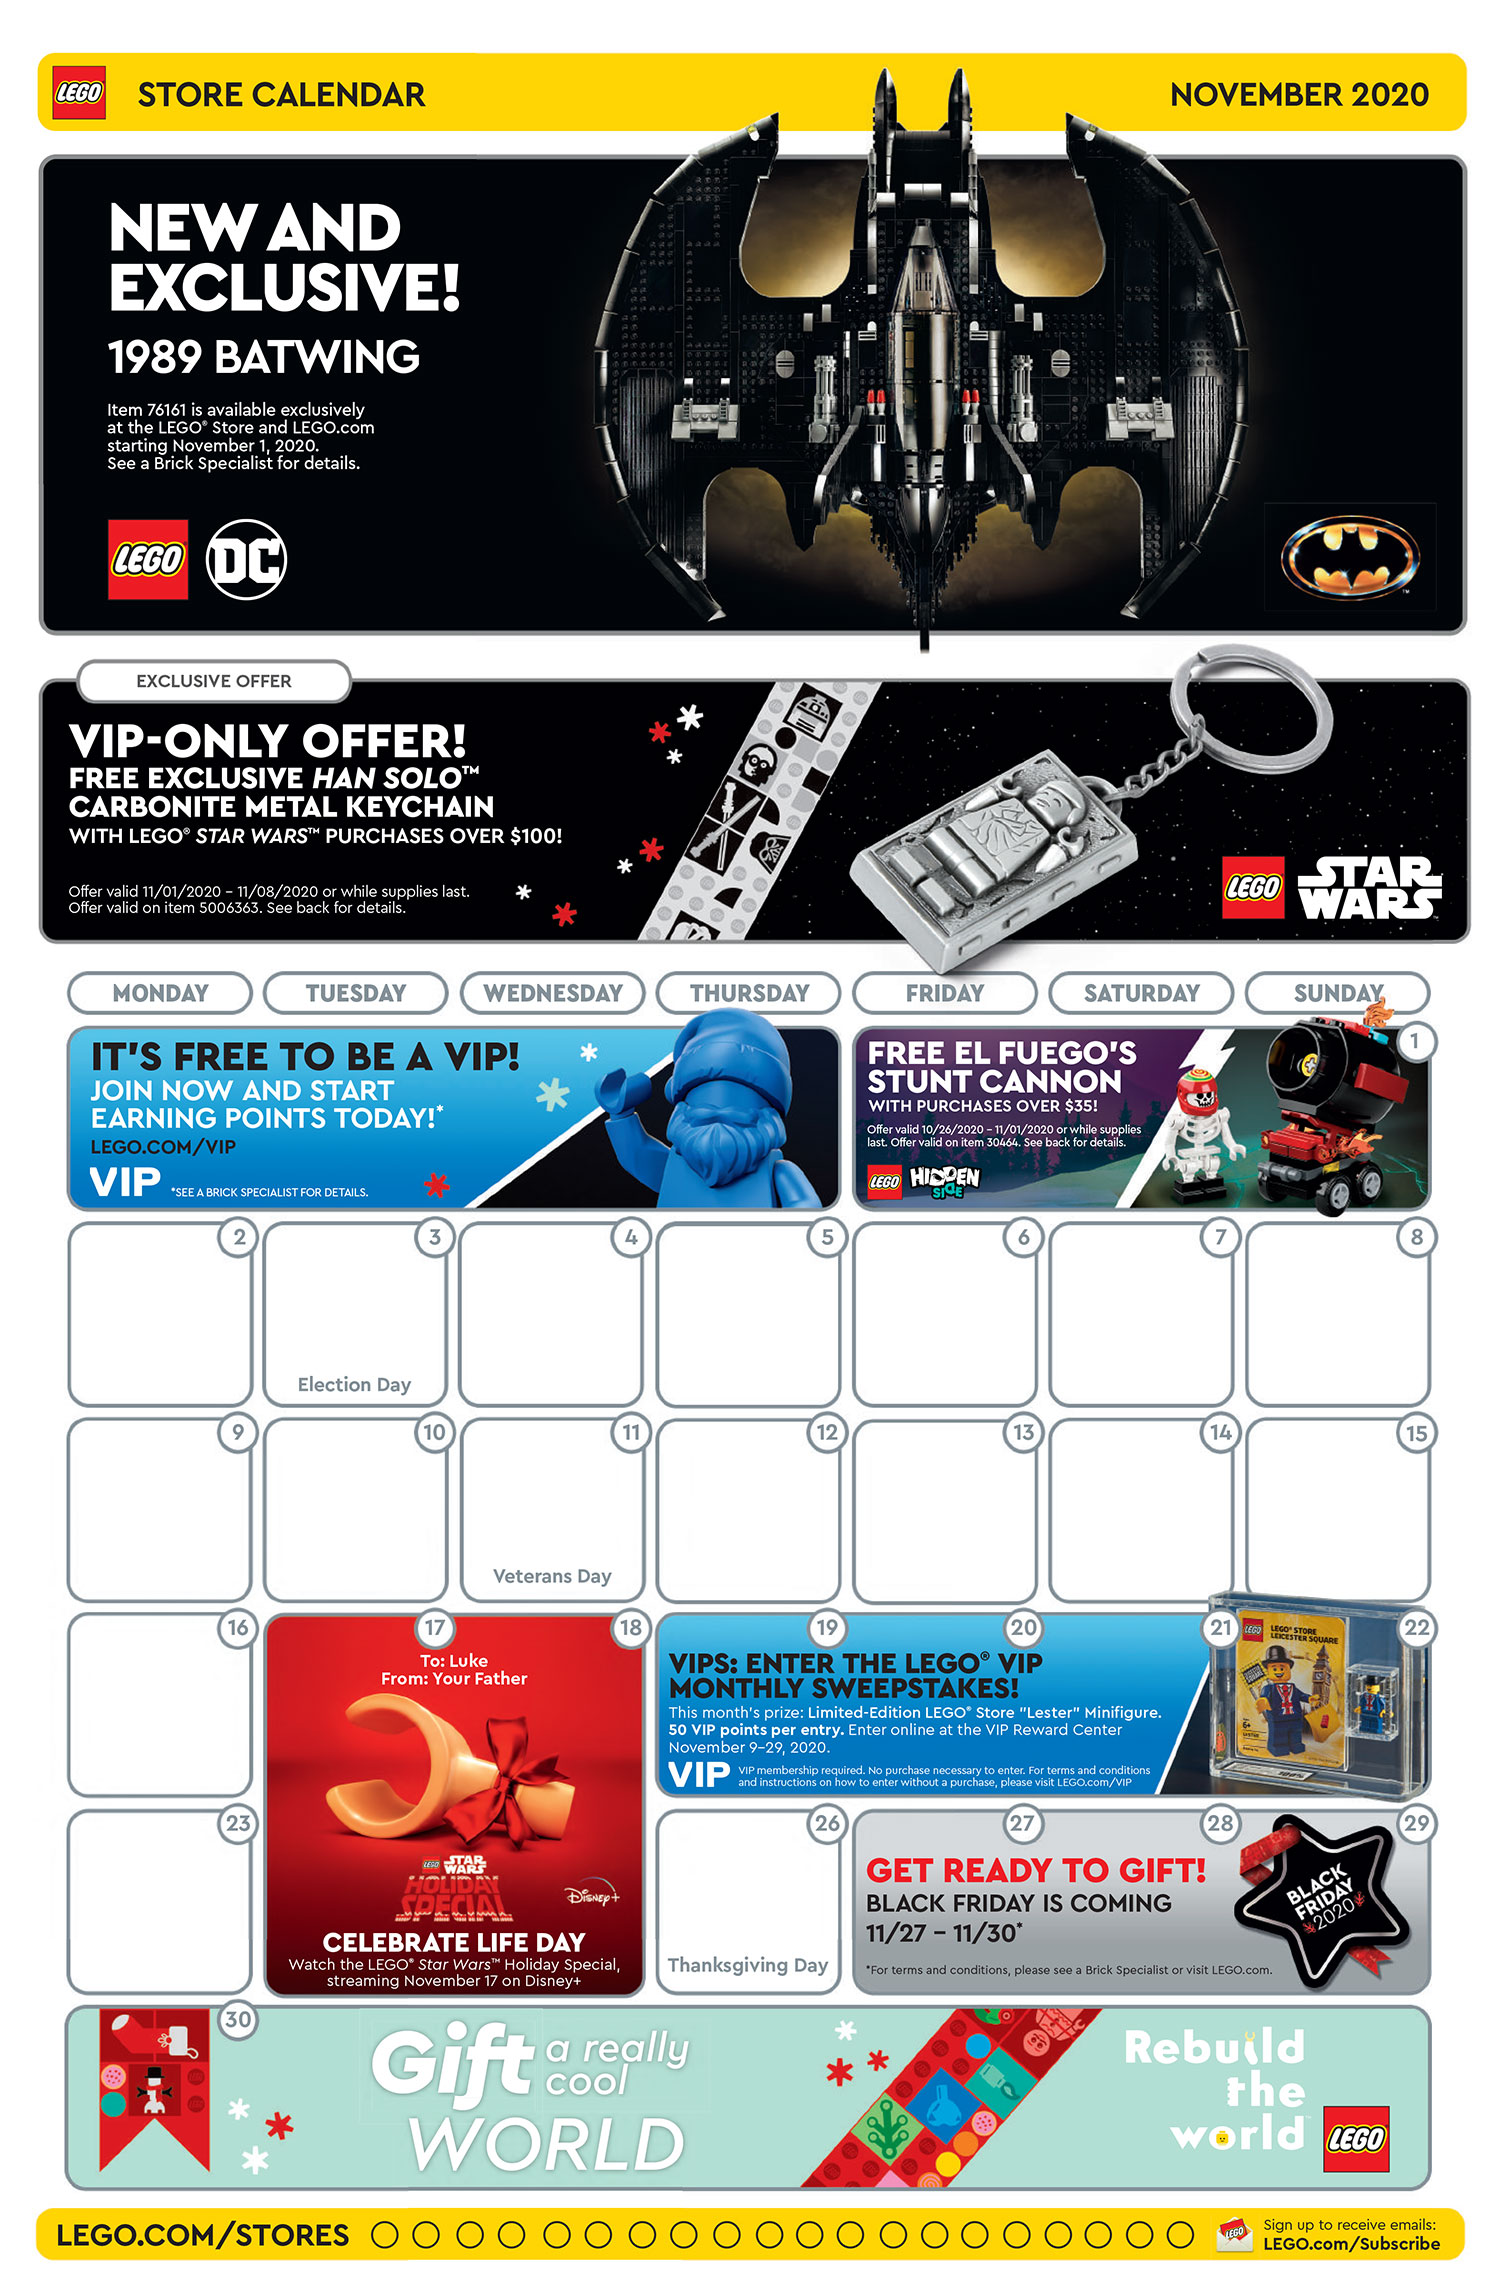 Brickfinder   LEGO Brand Store November 2020 Promotions!